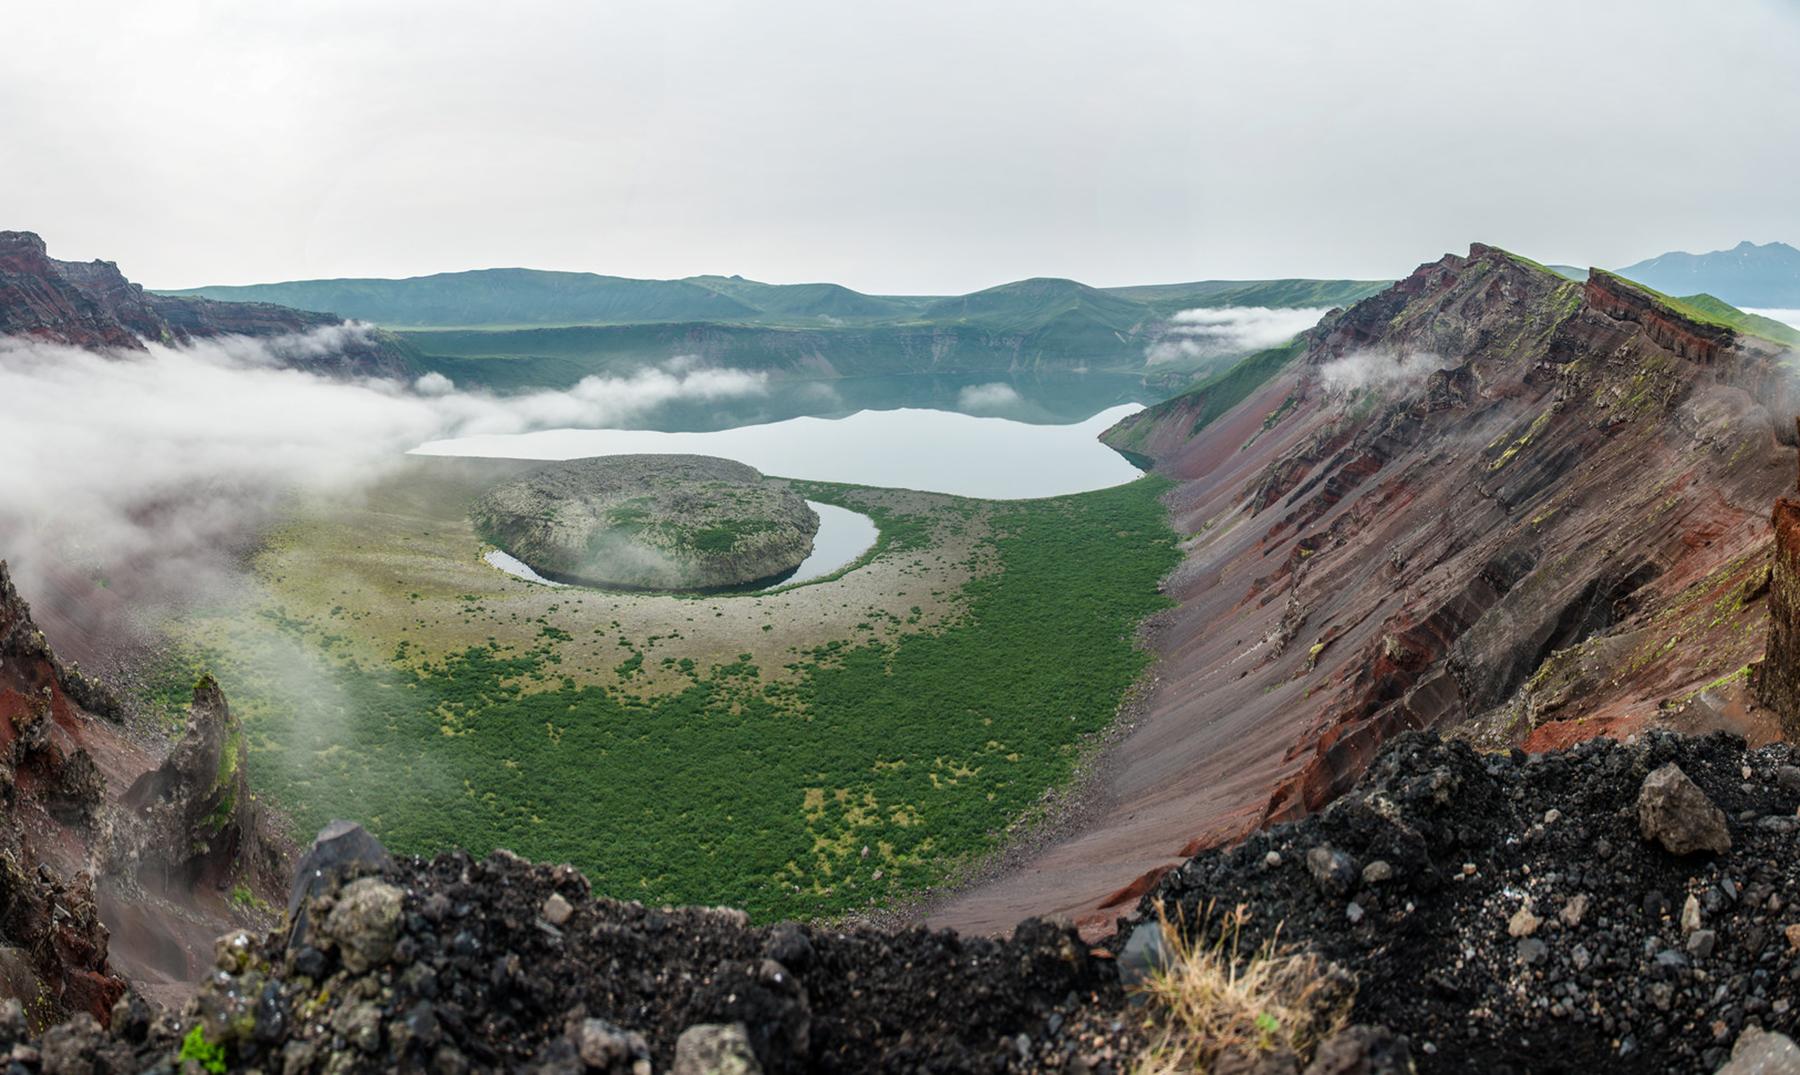 Las islas Kuriles: el archipiélago de los cien volcanes